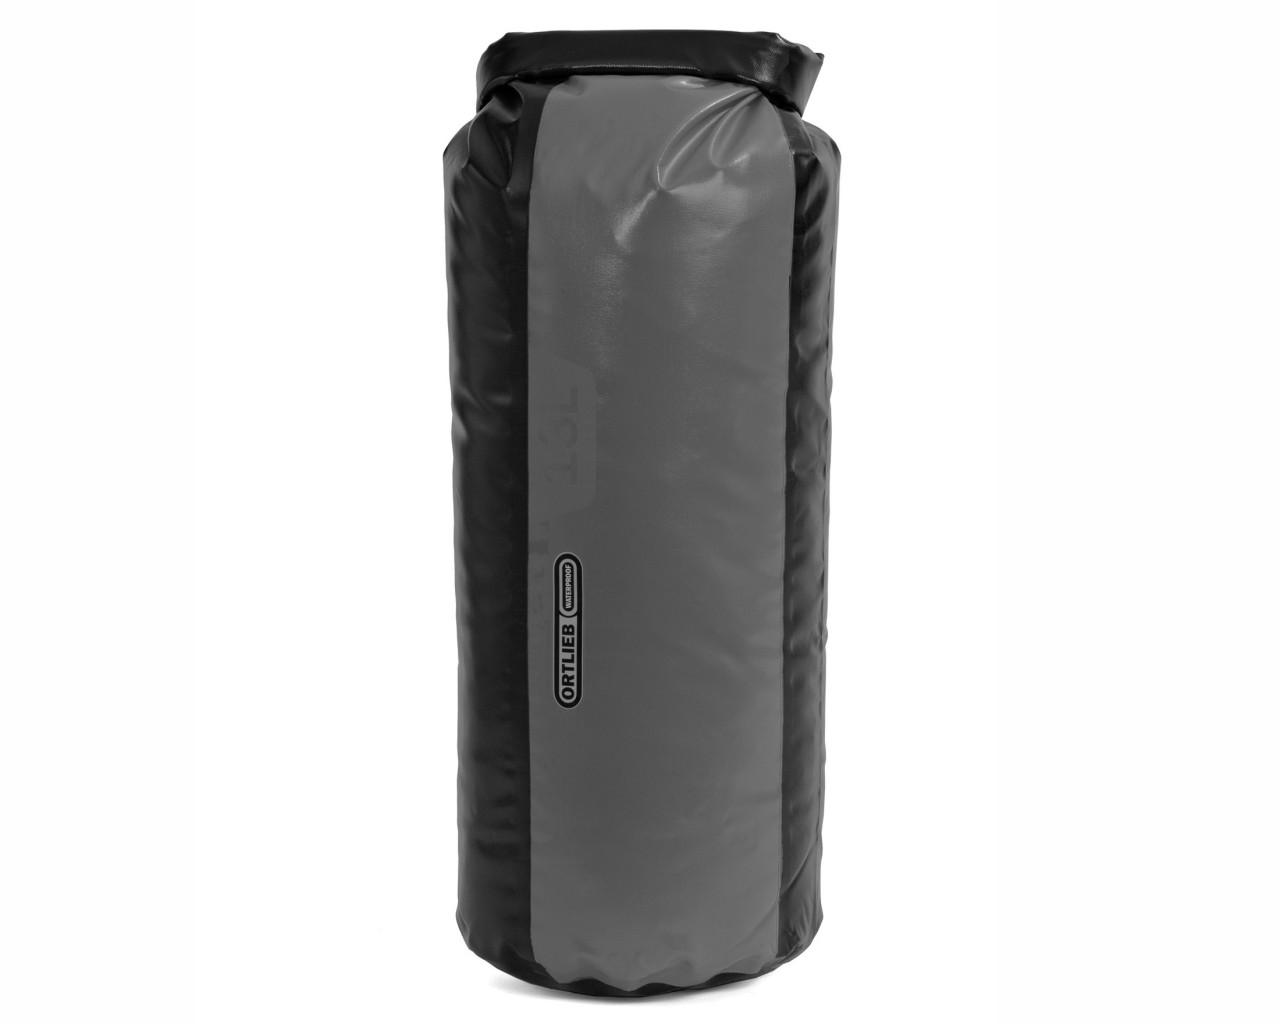 Ortlieb Packsack PD350 - 13 liter   schiefer-schwarz